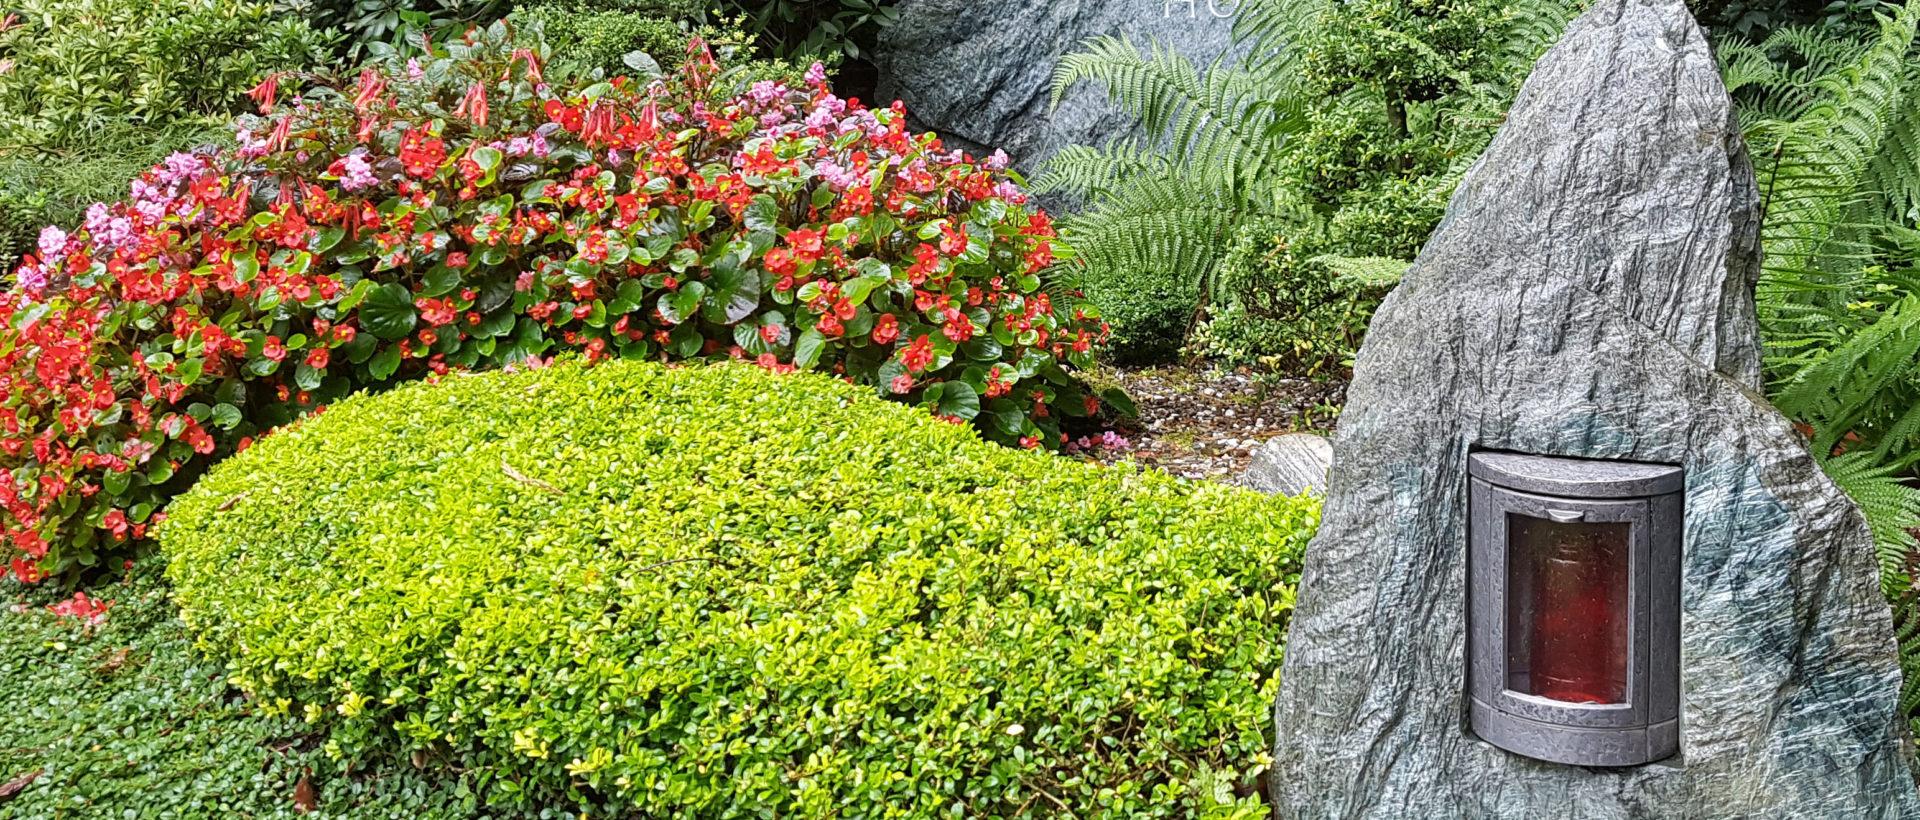 Der Grab Pflanzenkalender – Grabbepflanzung in den Jahreszeiten